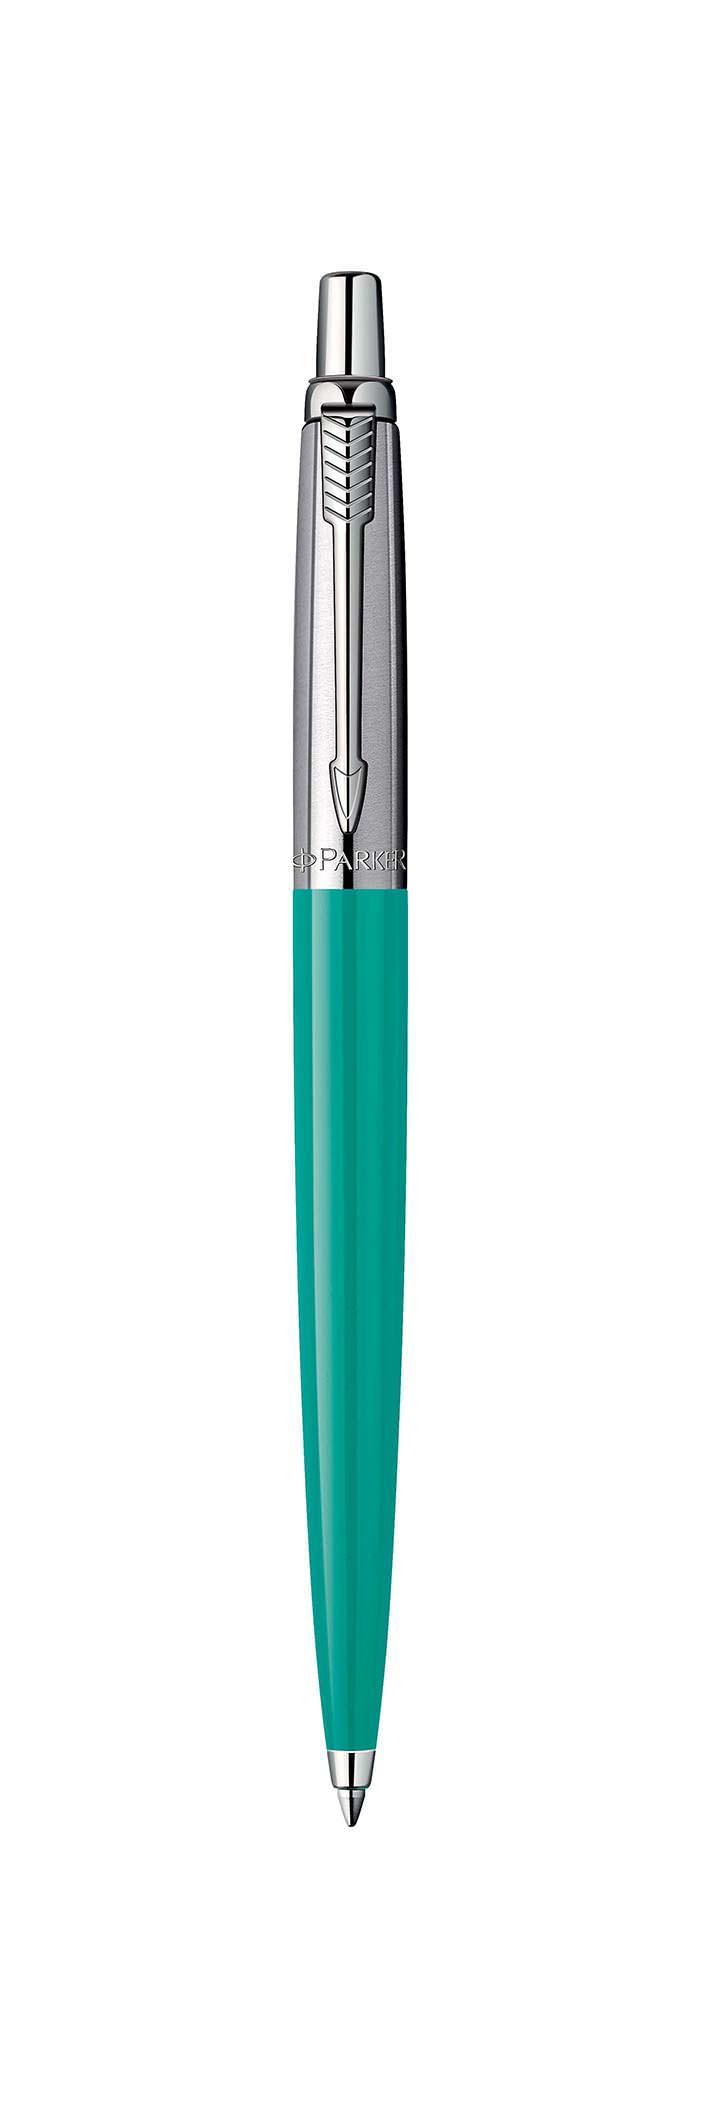 Шариковая ручка Parker JOTTER. Серо-зеленая